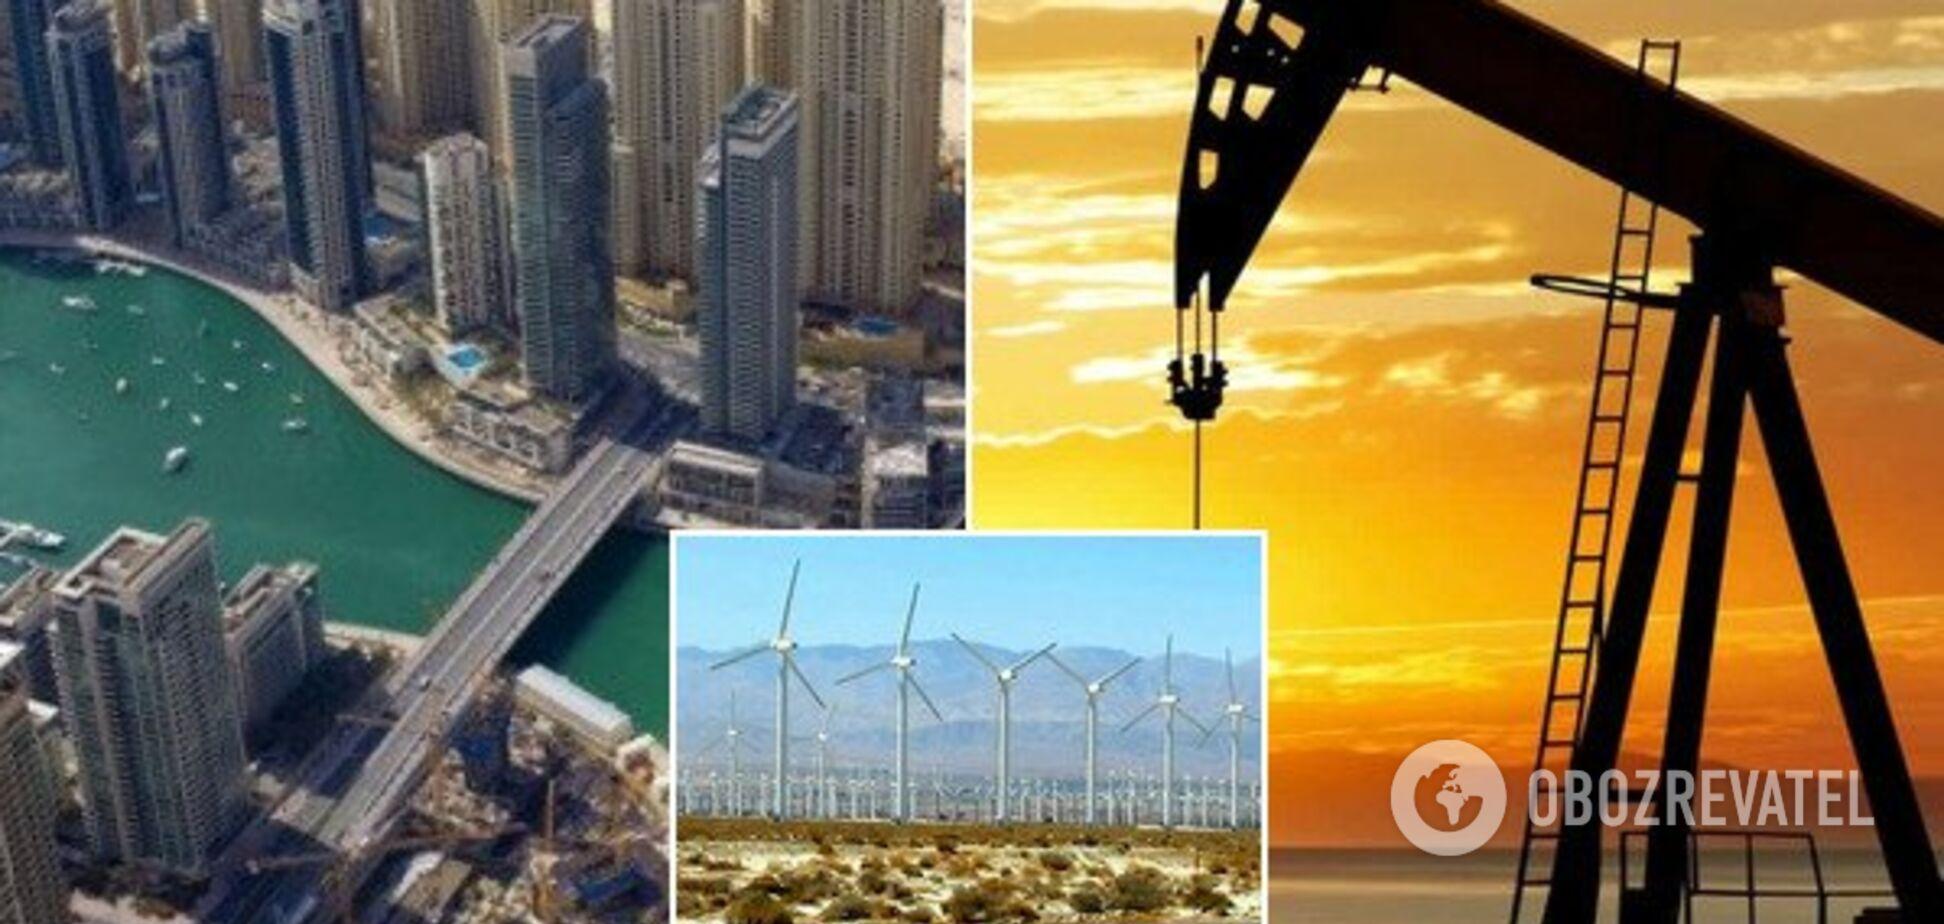 Нефтяные монстры переходят на ветровую энергию - Саудовская Аравия и тут в лидерах